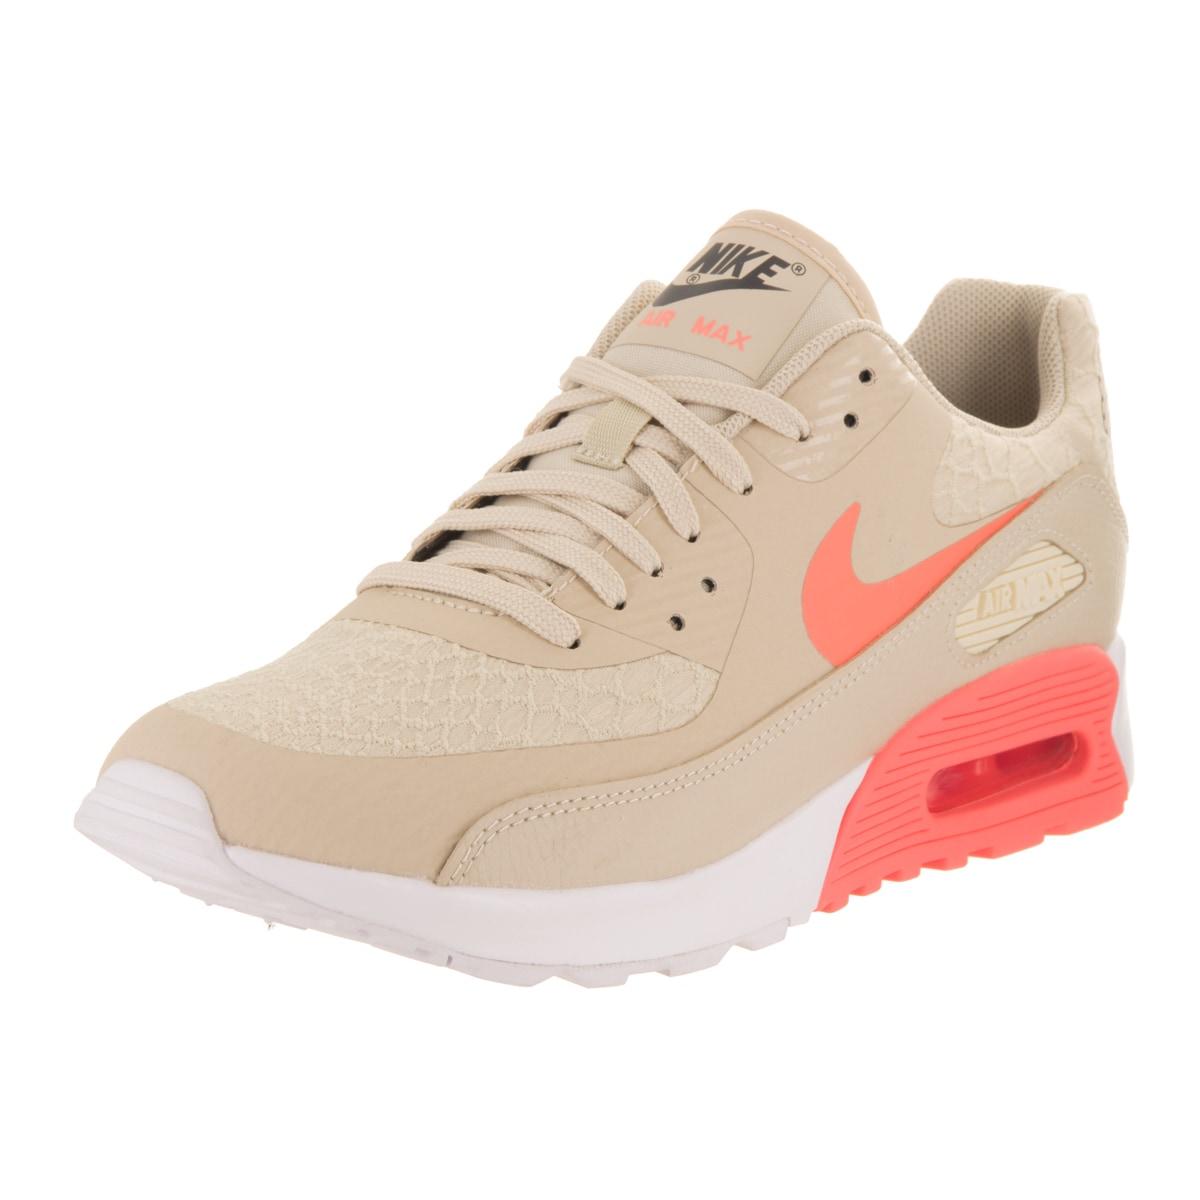 Nike Women's Air Max 90 Ultra 2.0 Running Shoe (7.5), Bei...